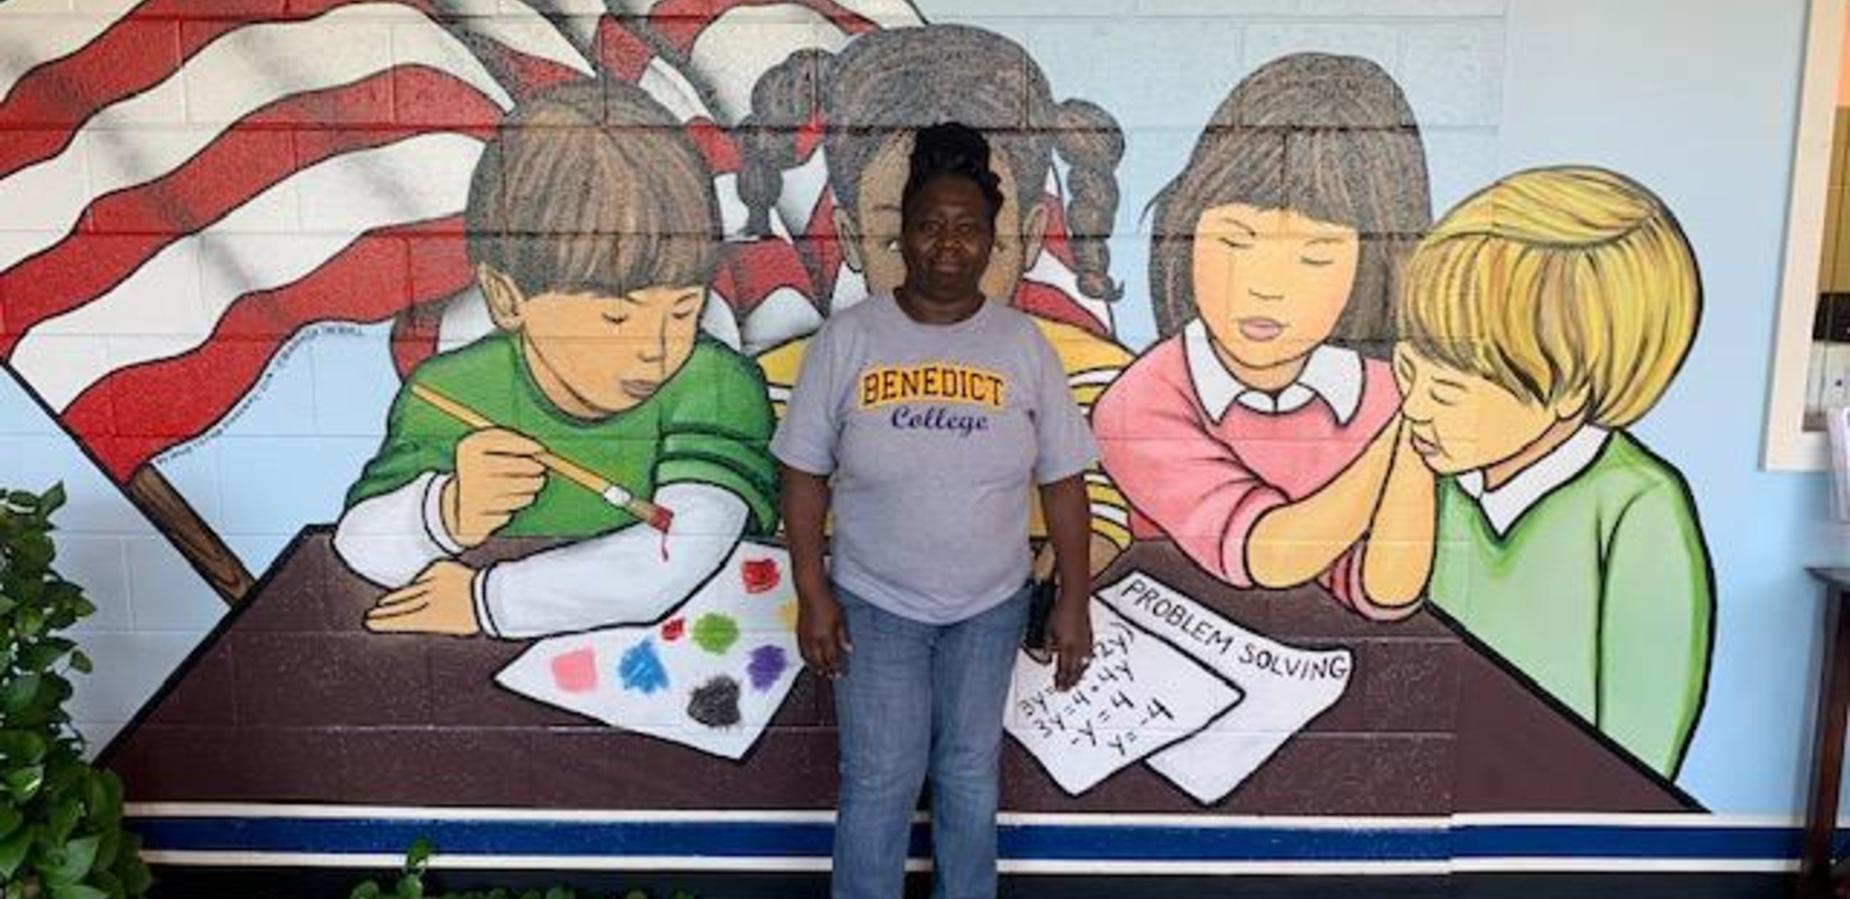 Mrs. Durham representing Benedict College